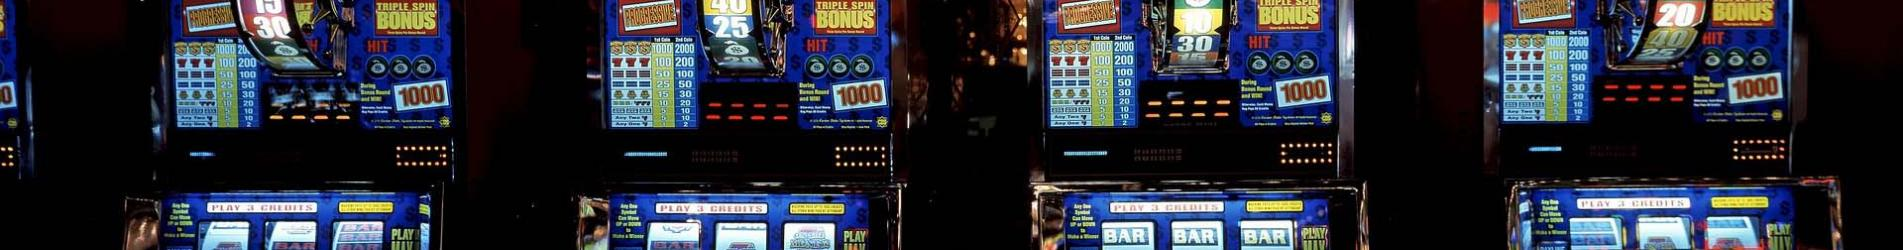 سلوتس اون لاين Online Slots